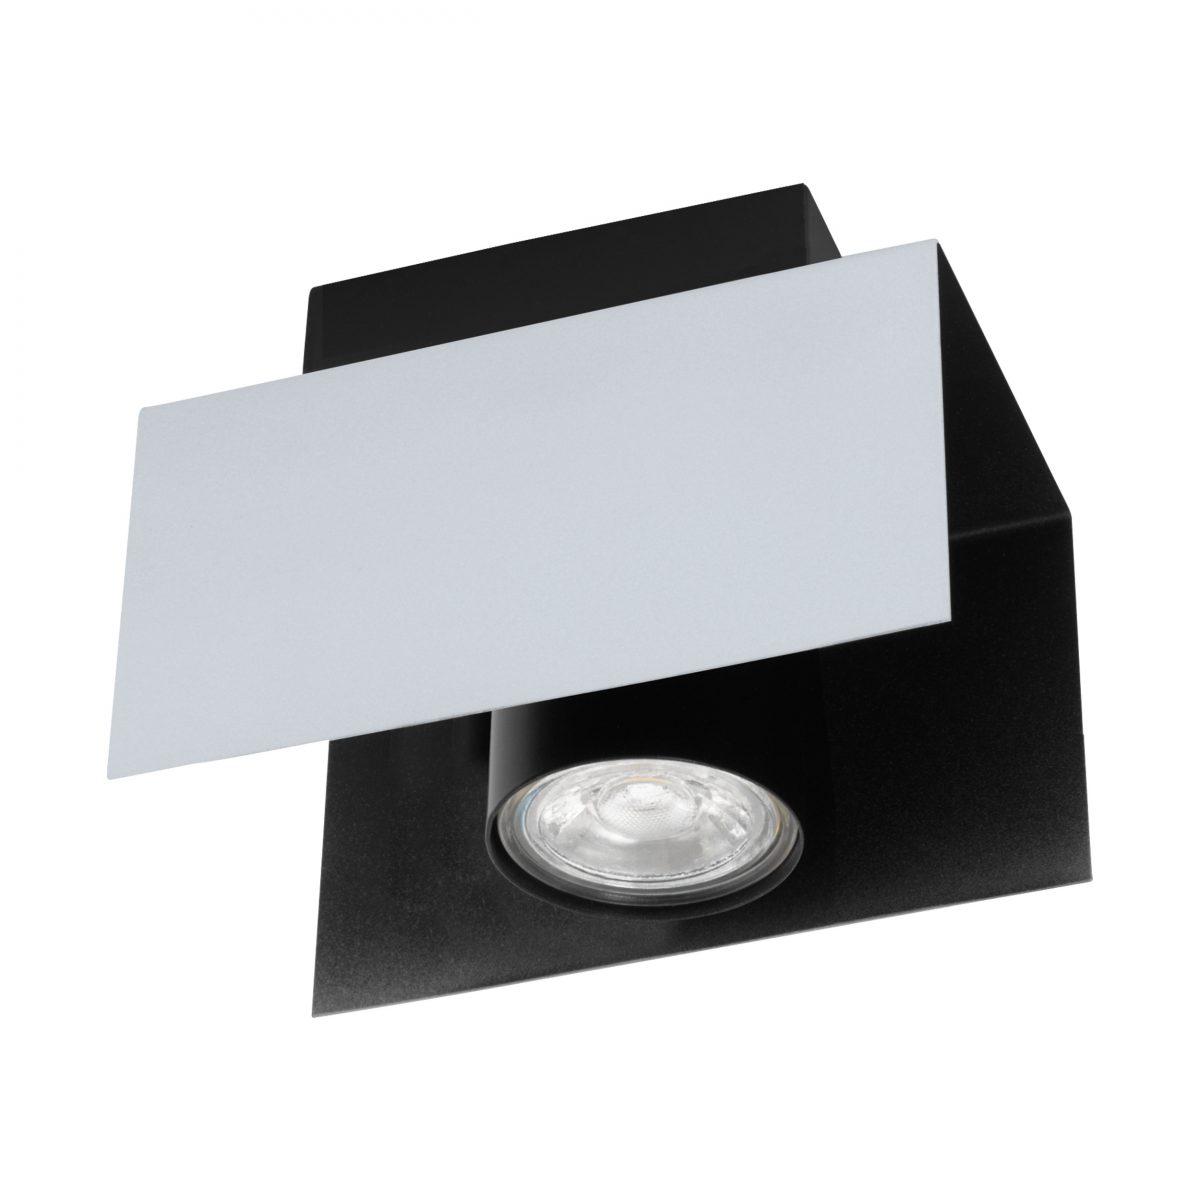 Светильник настенно-потолочный VISERBA EGLO 97394 - Фото №28